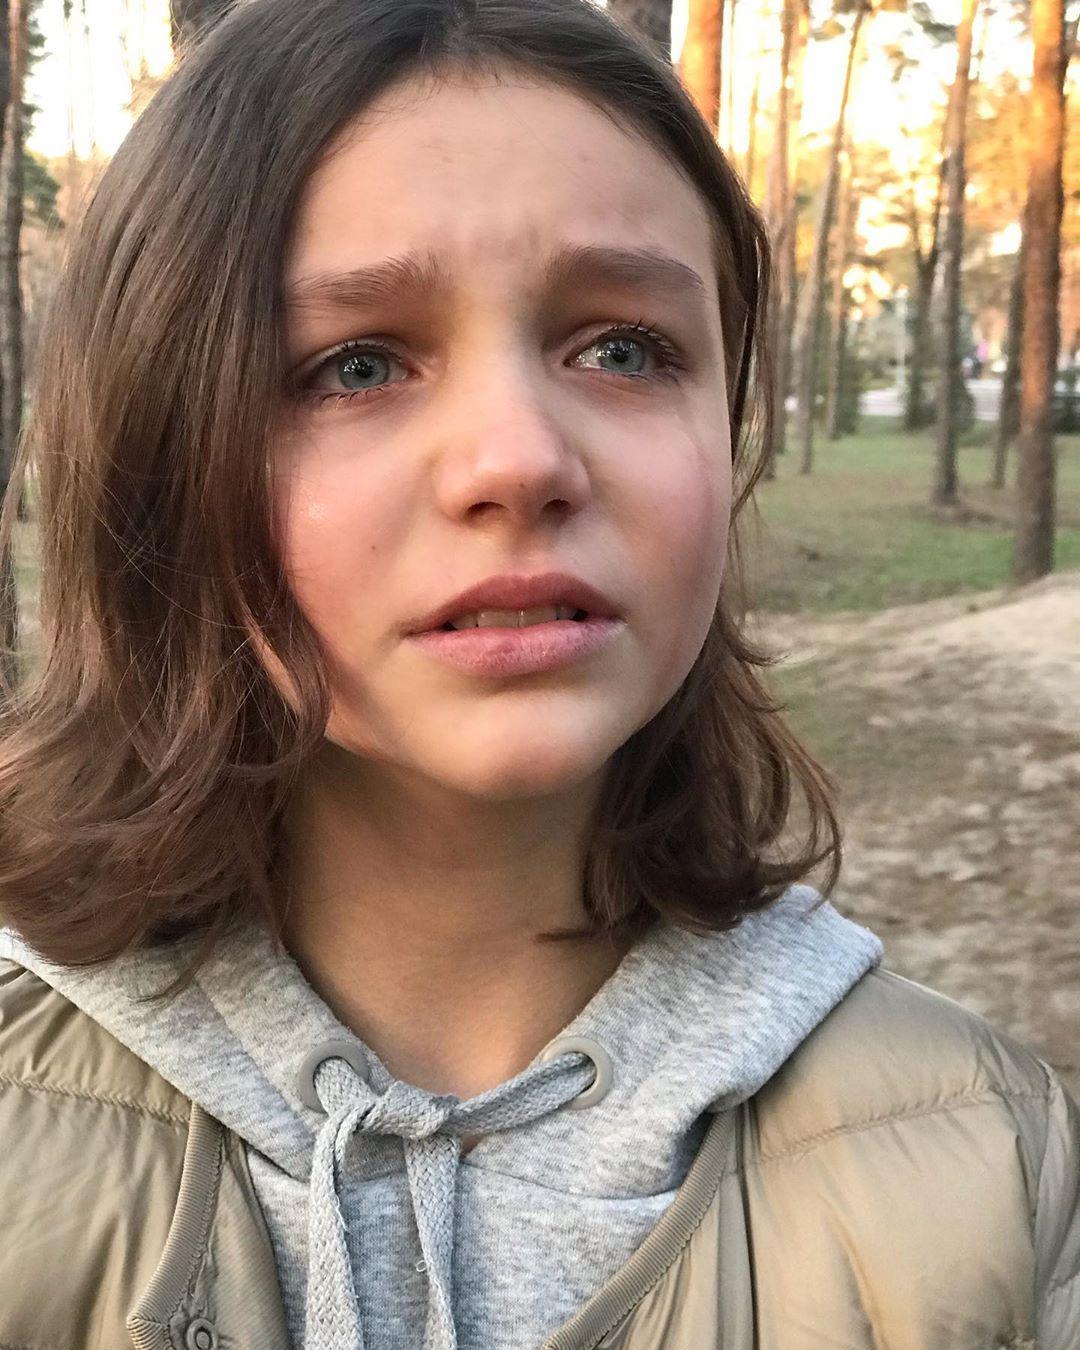 Ева шевченко модельное агентство диалог